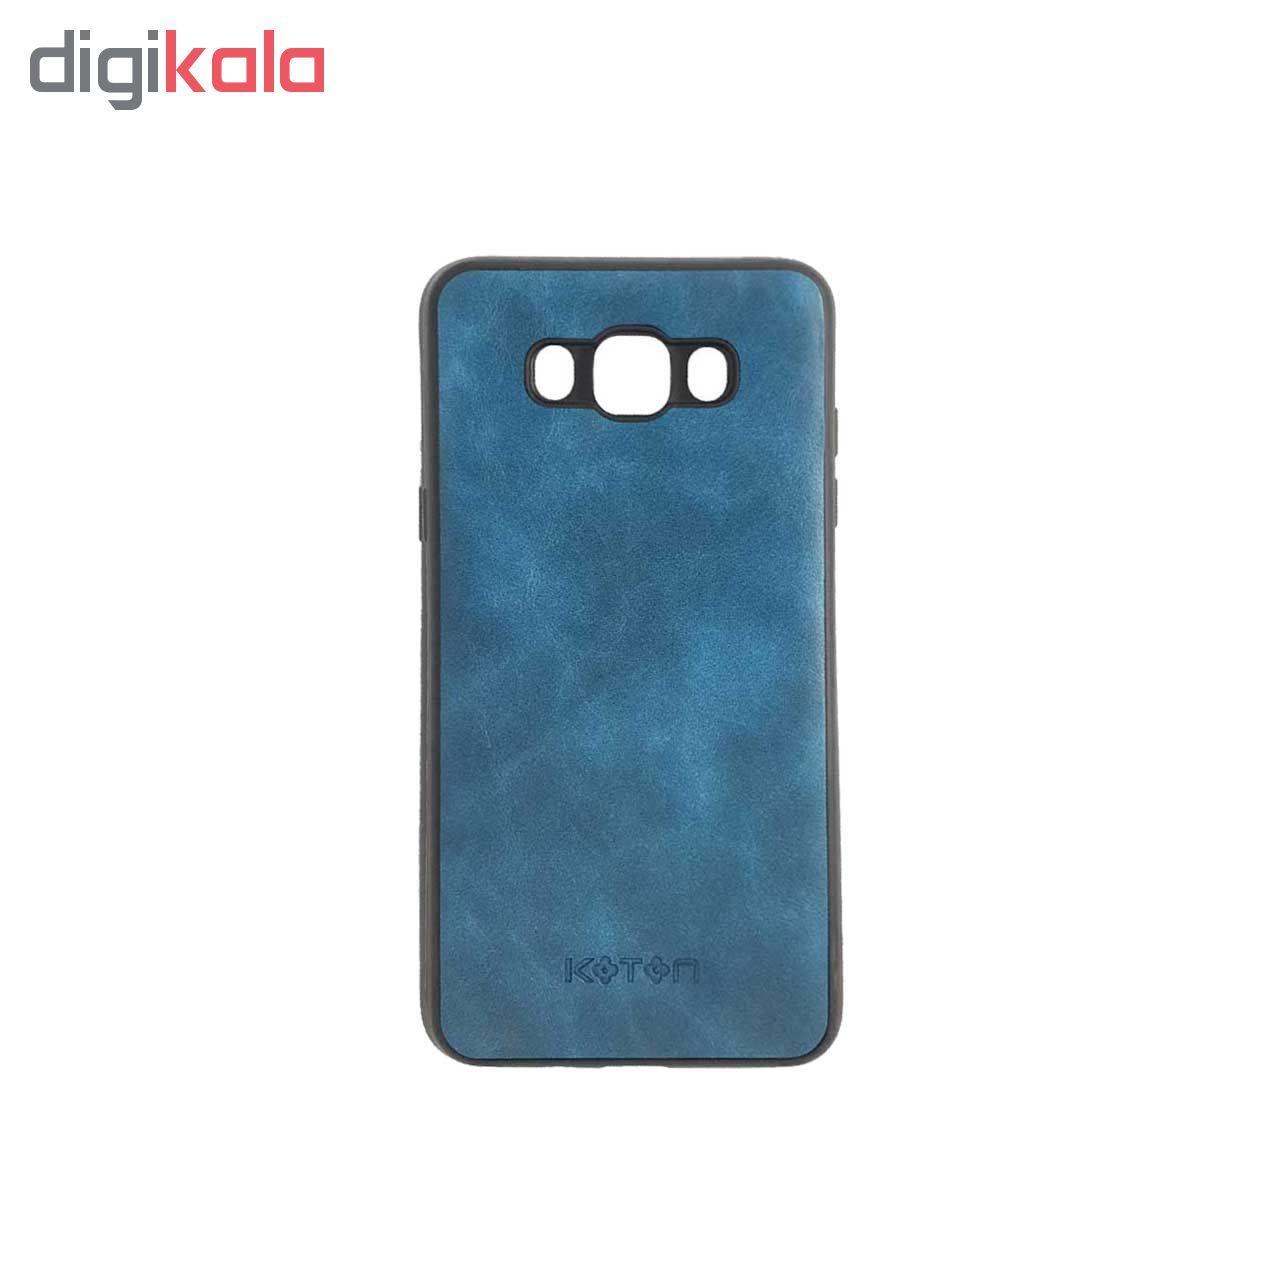 کاور ایبیزا  مدل K-25 مناسب برای گوشی موبایل سامسونگ Galaxy J7 Core main 1 2